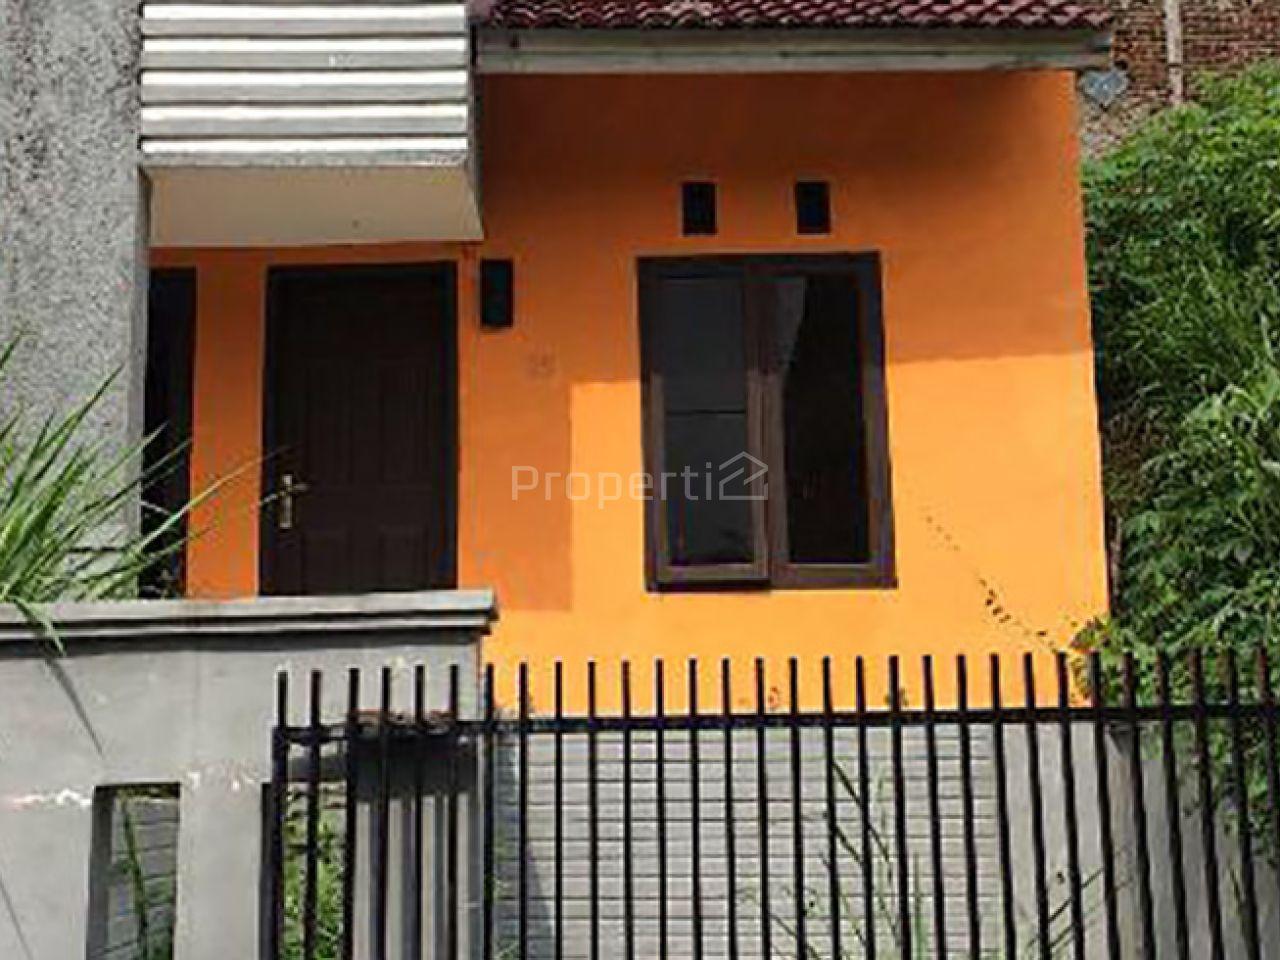 New House in Sariwangi, West Bandung Regency, Jawa Barat